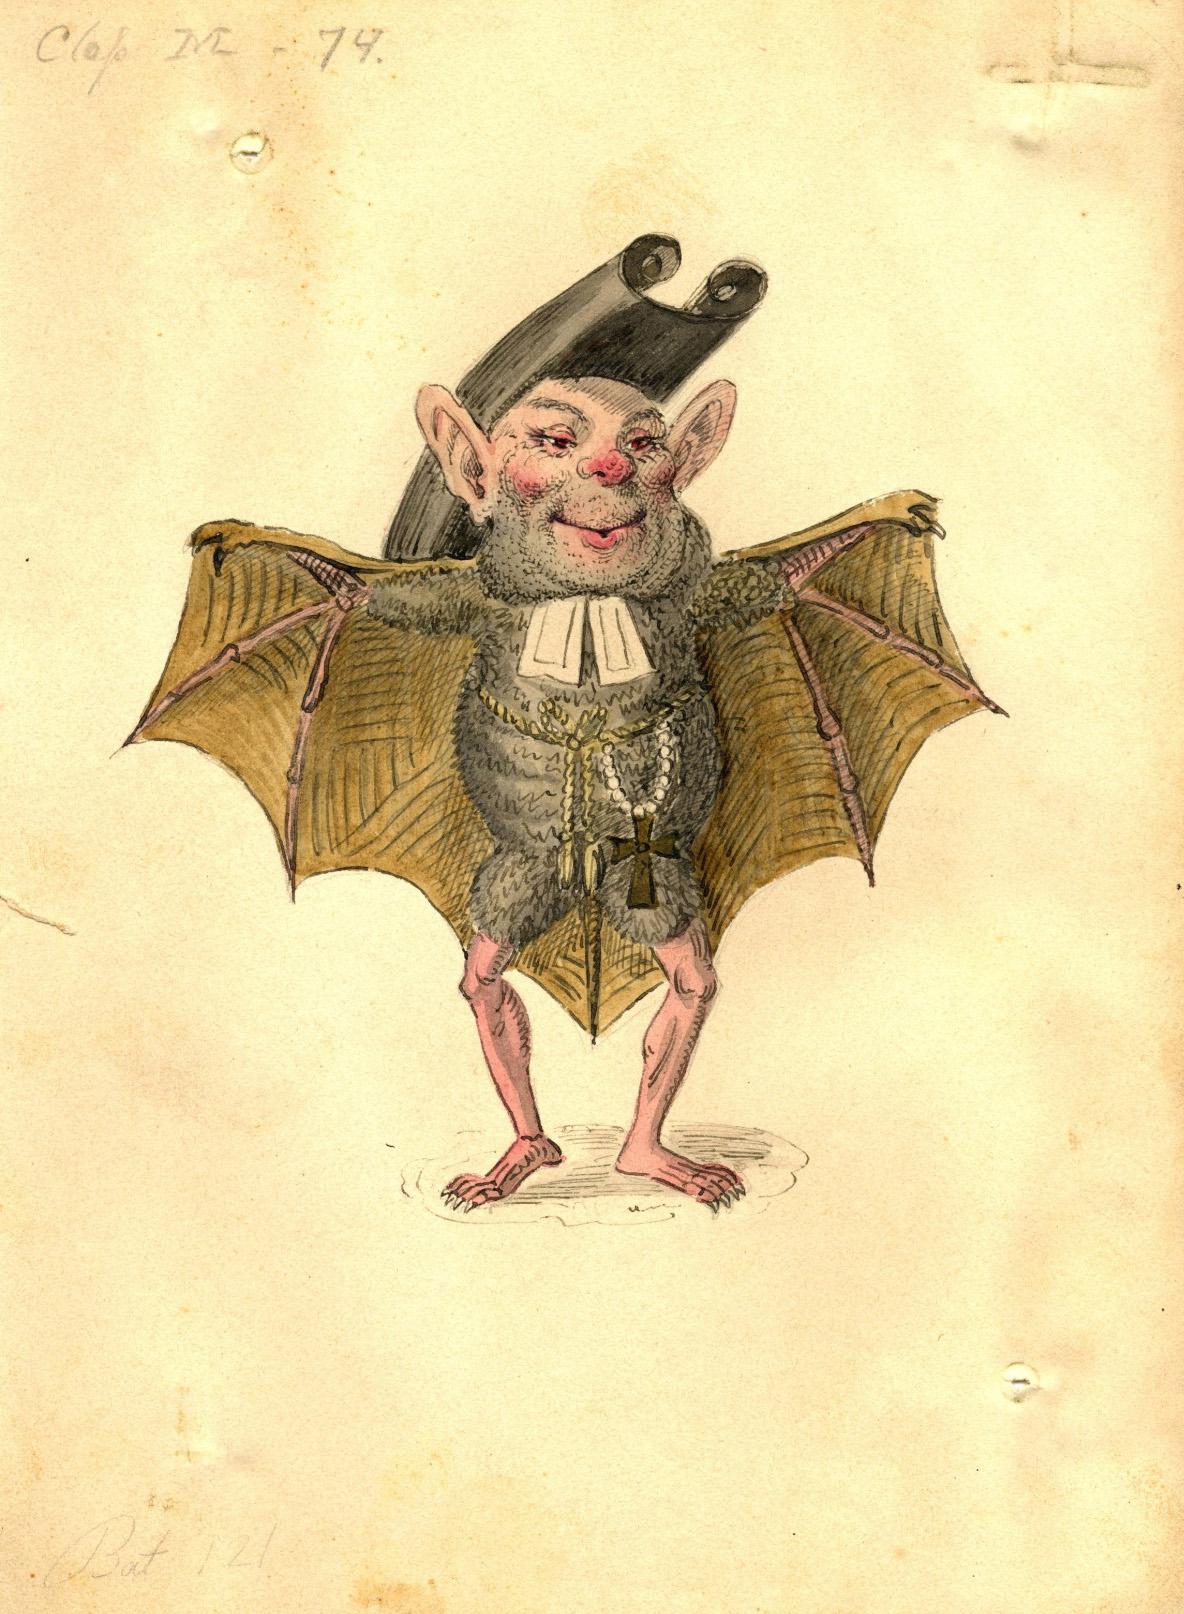 Charles Briton - Bat Costume Design, 1873